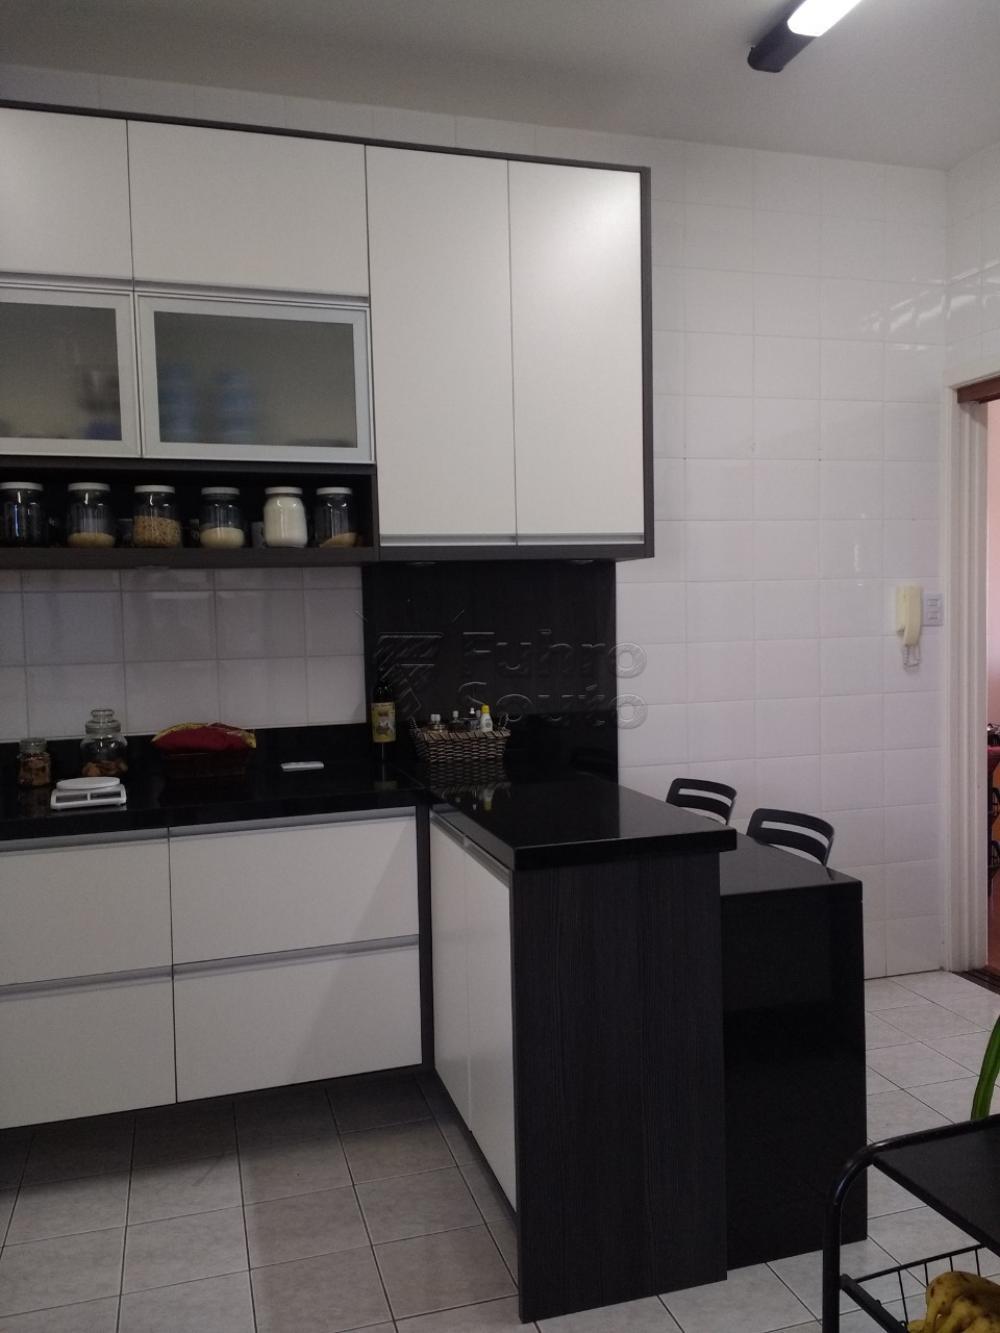 Comprar Apartamento / Cobertura em Pelotas R$ 750.000,00 - Foto 5